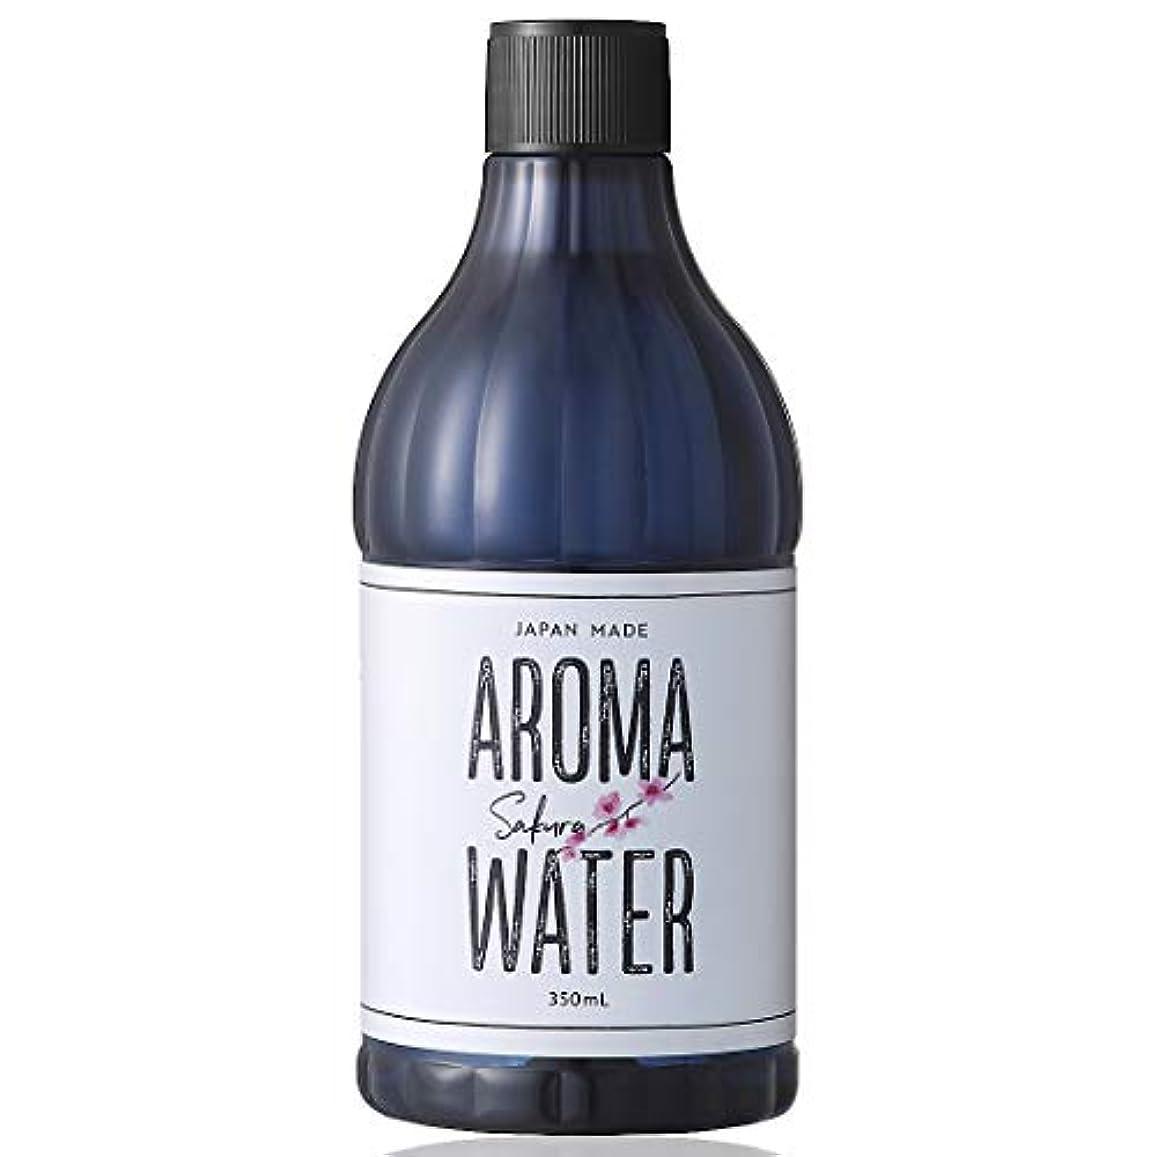 徒歩で回復空中デイリーアロマジャパン アロマウォーター 加湿器用 350ml 日本製 水溶性アロマ - サクラ